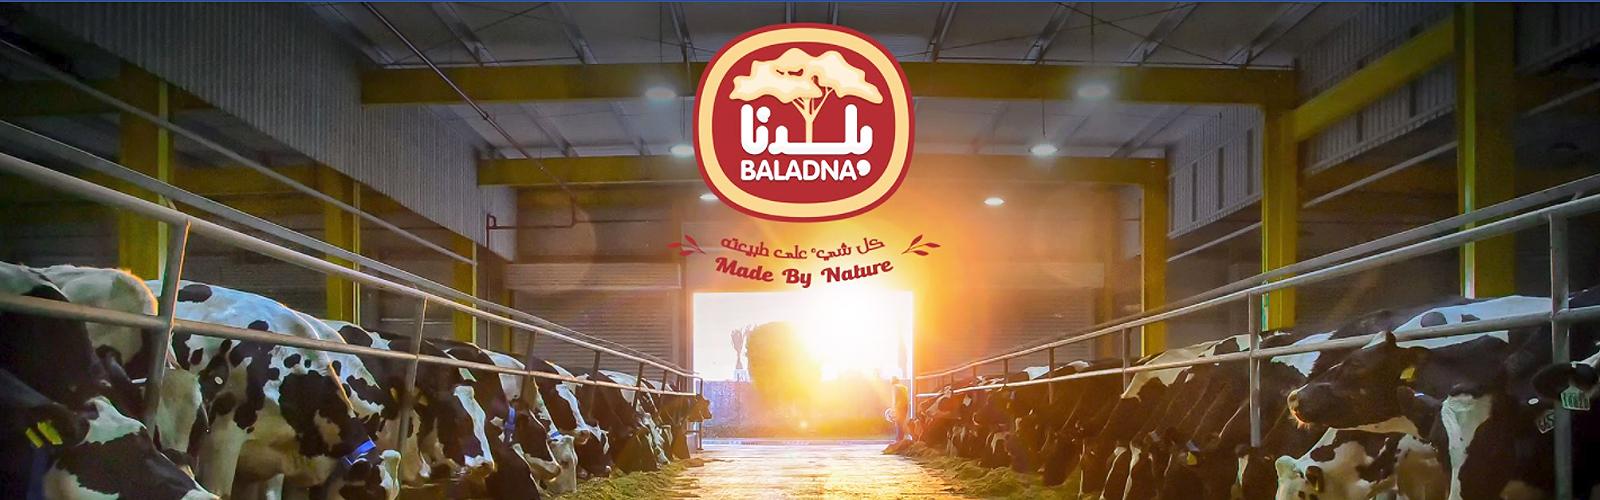 Holstein-Rinder in Katar - Baladna-Farm in der Nähe von Al Khor